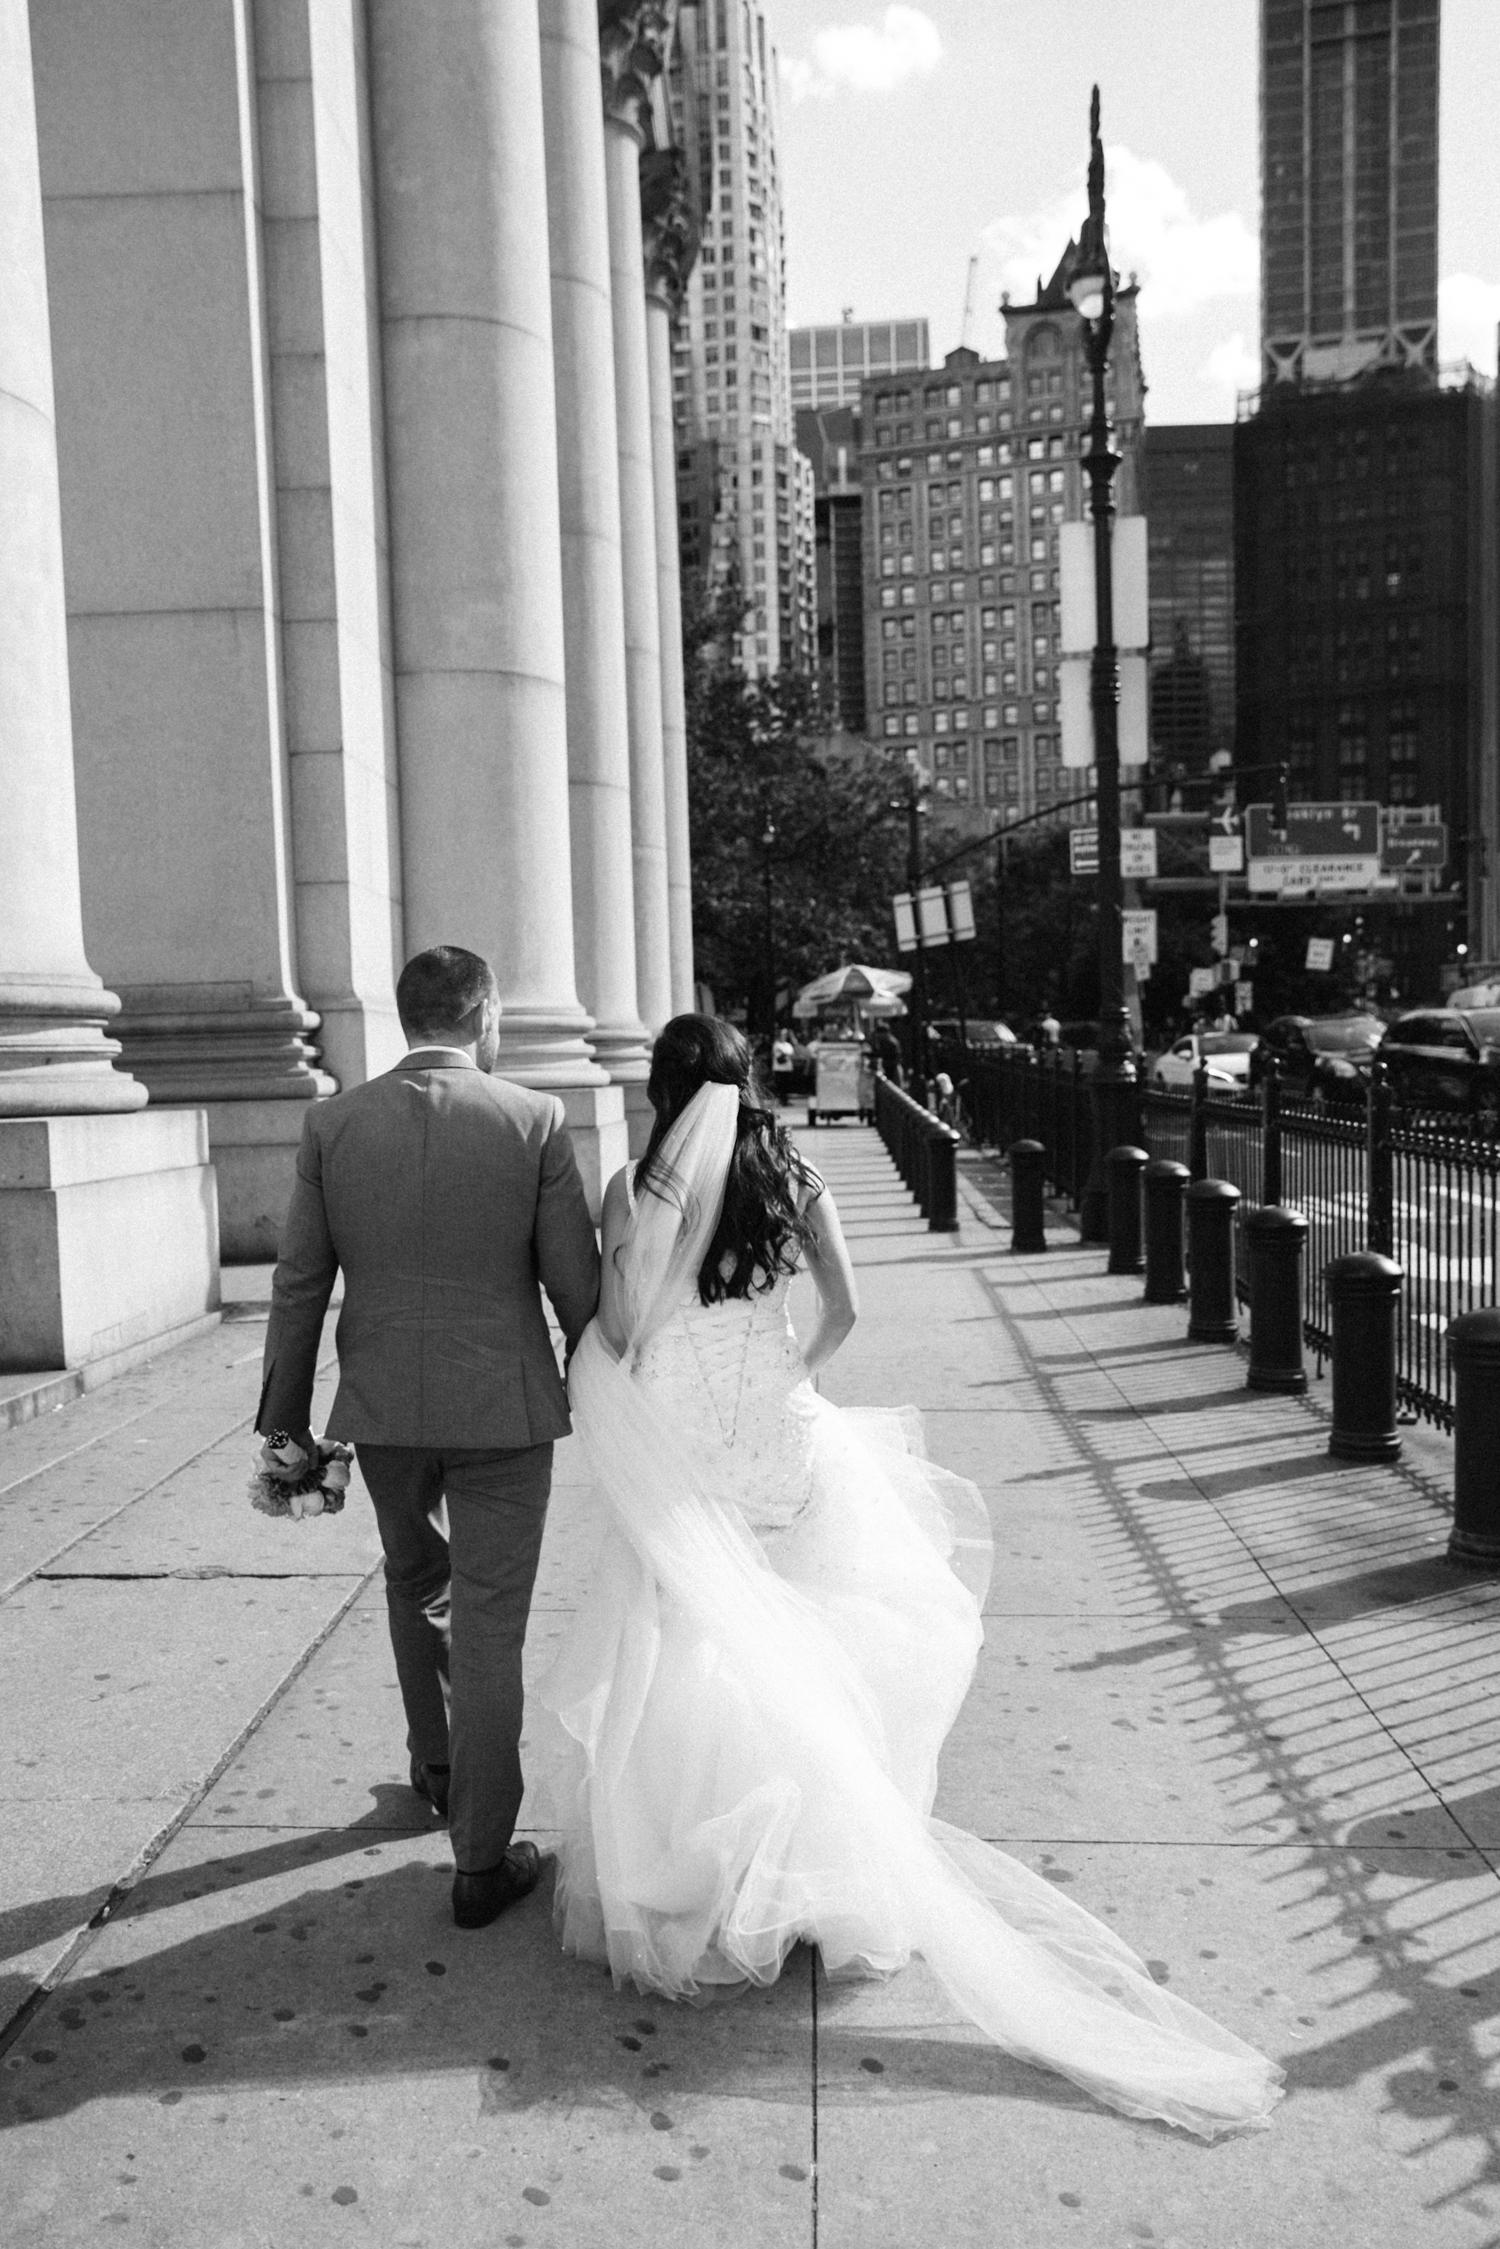 Central-park-cop-cot-wedding-A&M-186.jpg